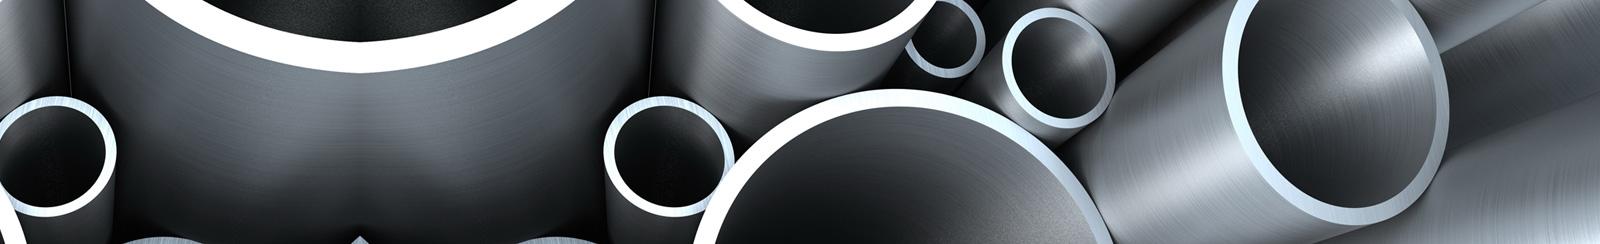 Dikişsiz çelik boru, paslanmaz dikişsiz çelik / çekme boru ve alüminyum olarak farklı endüstrilerde kullanılmaktadır. Endüstrinin ağır sanayisinde, basınca, korozyona, mukavemetine ve dayanımına göre kullanılan ya da tercih edilmektedir.